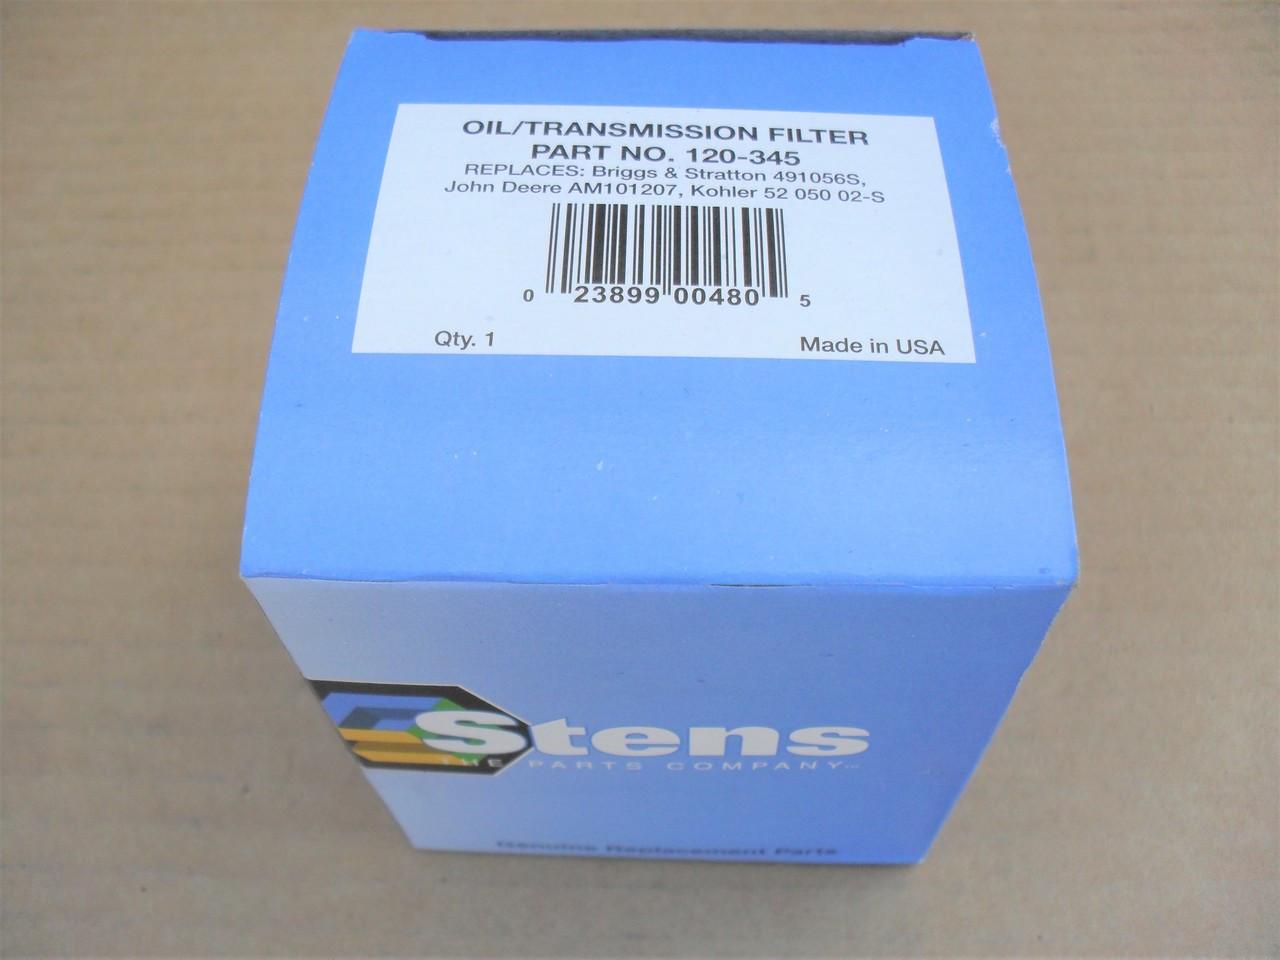 Oil Filter for Bobcat Skid Steer 440B, 450, 632, 642, 722, 732, 742,  6513601, 6652366, Made in USA